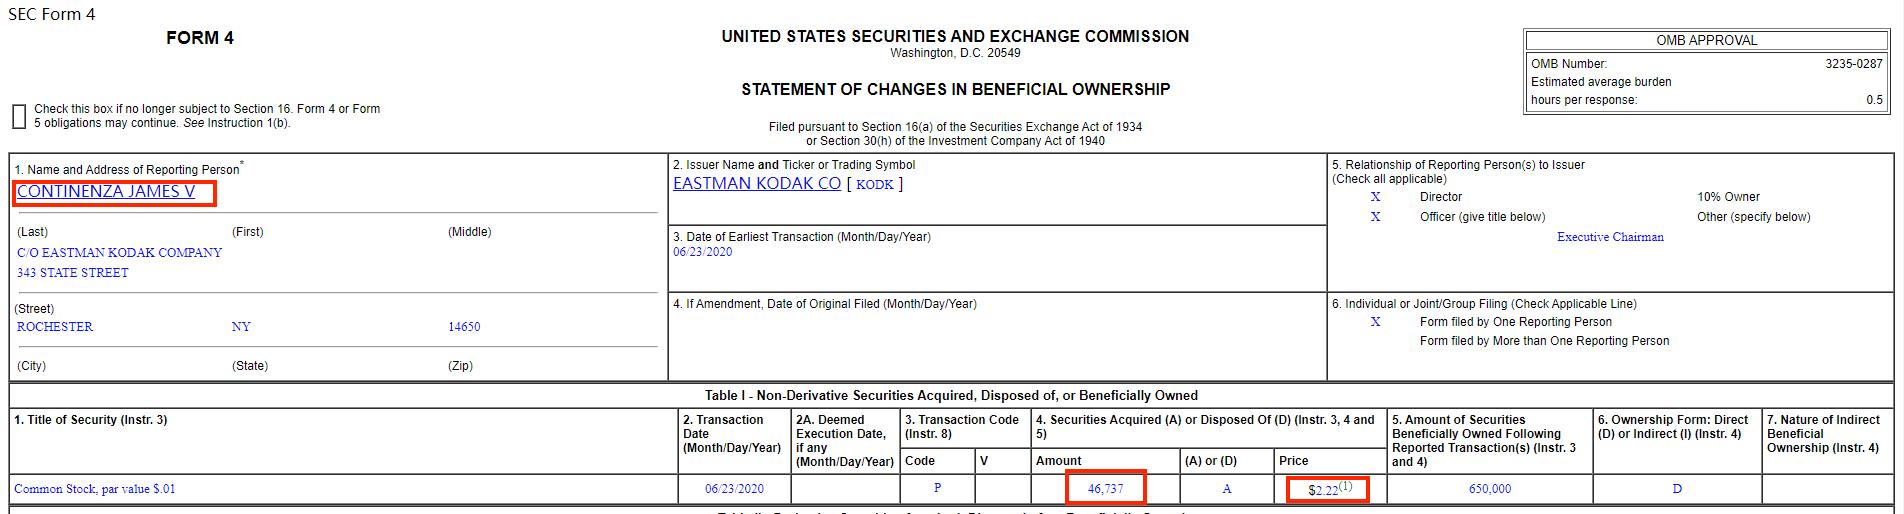 股价暴涨1320%!CEO一个月前刚买4万股 破产的柯达活了?